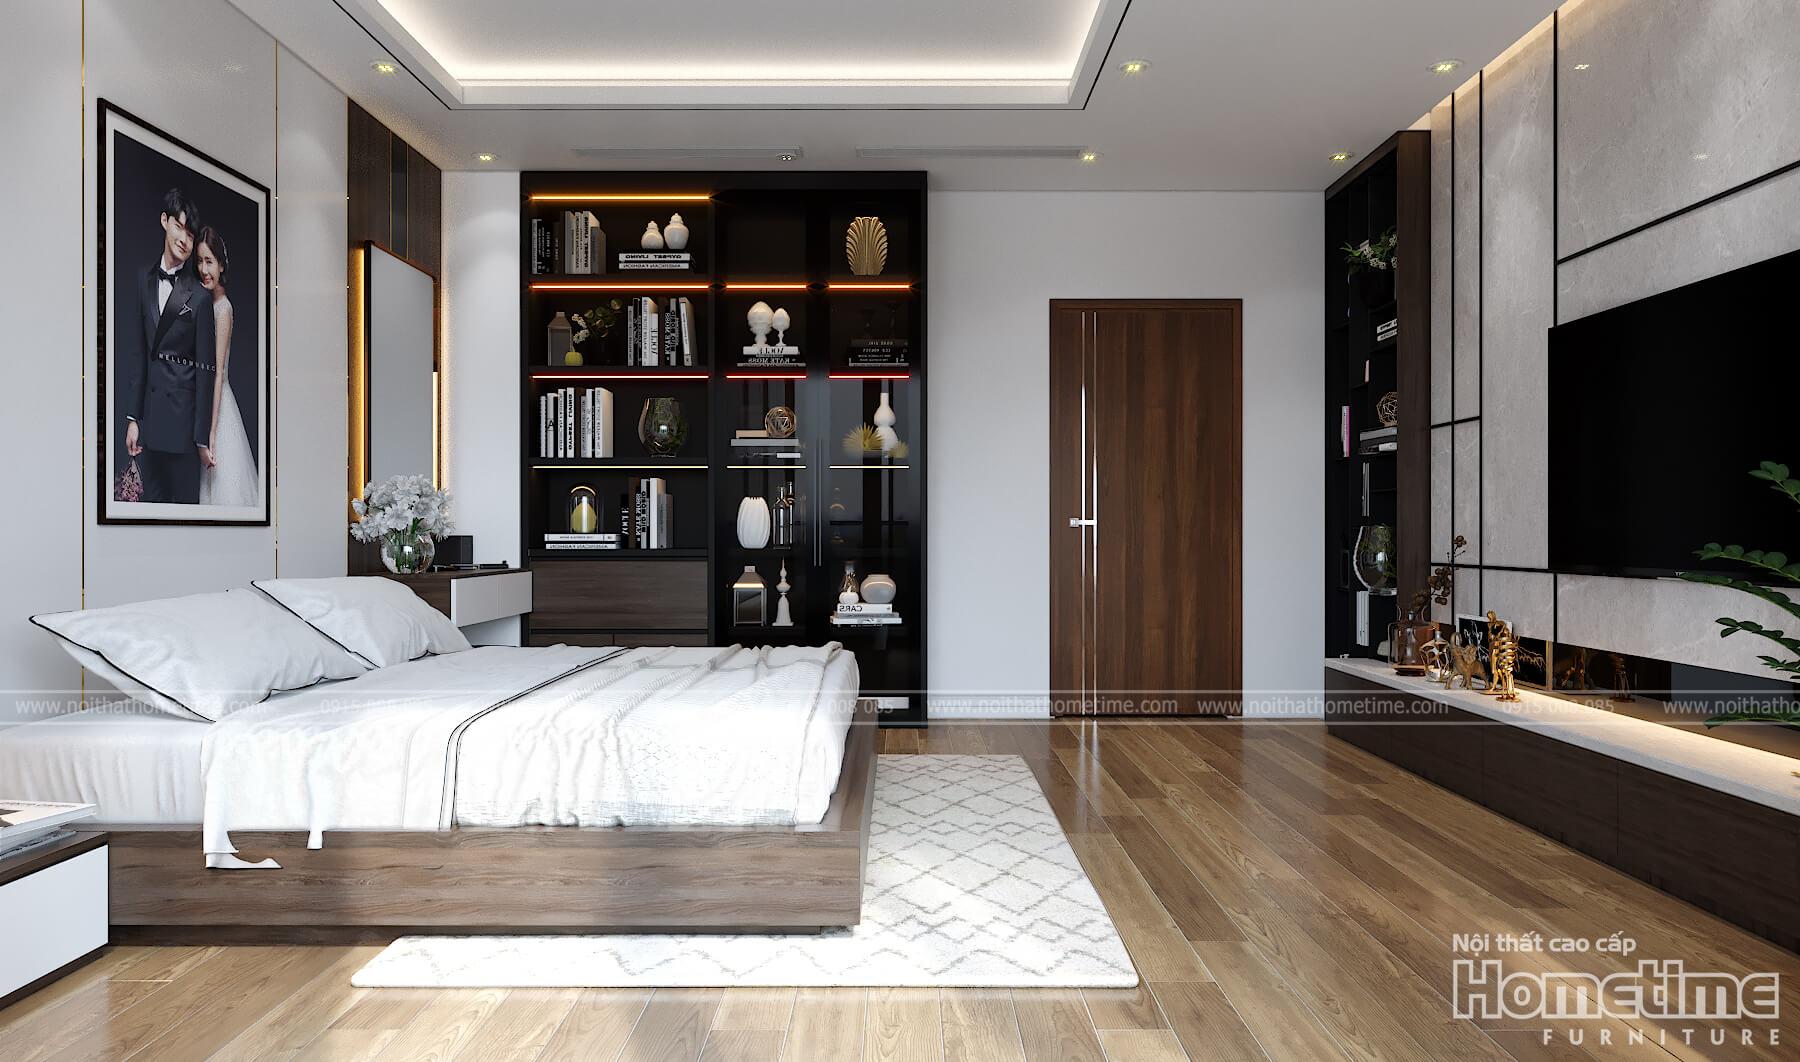 Không gian nội thât phòng ngủ được đầy đủ hơn với chiếc kệ trang trí